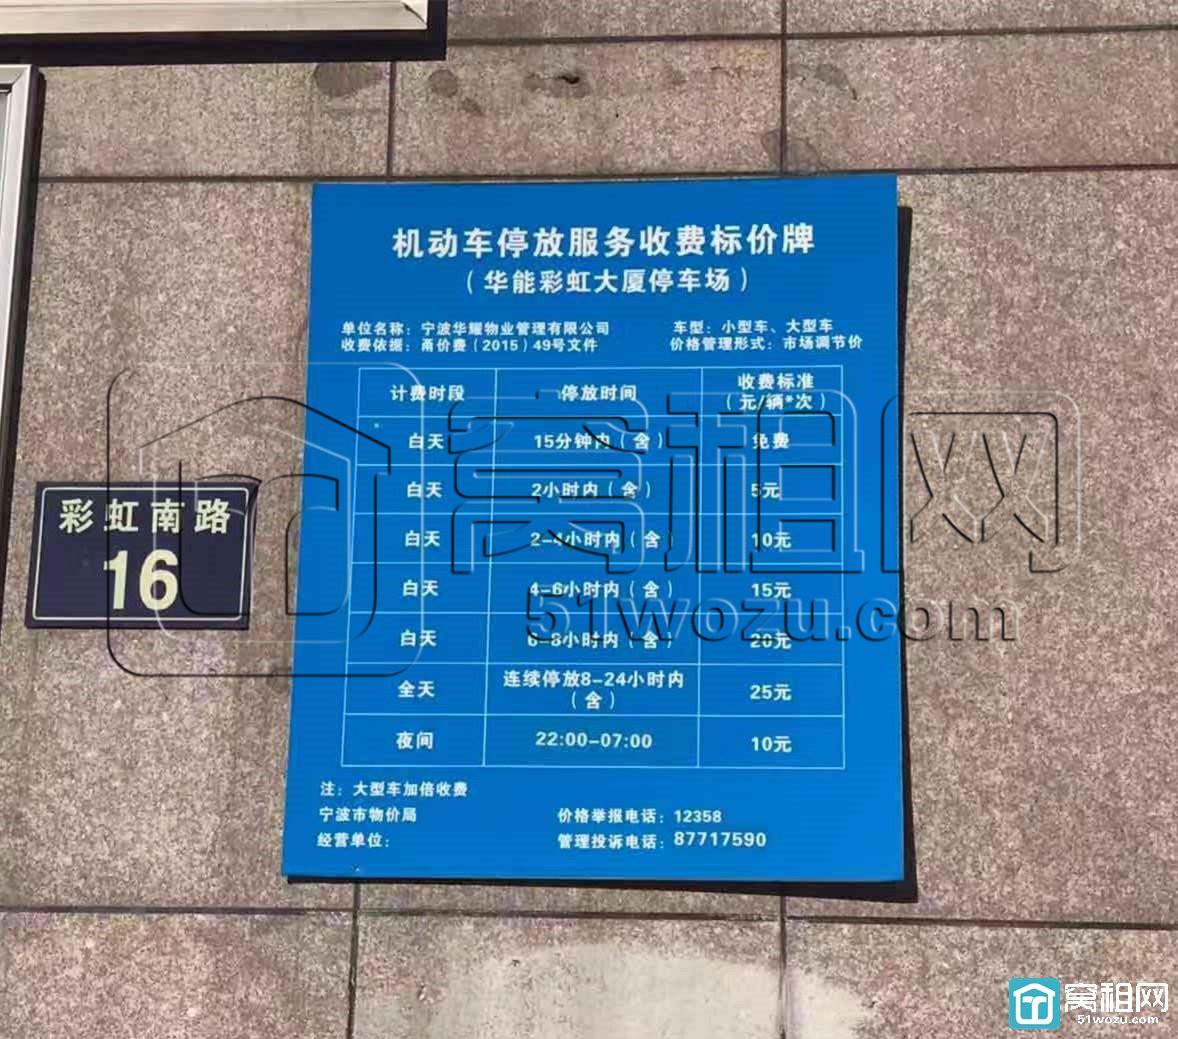 宁波鄞州区彩虹大厦停车场收费多少?